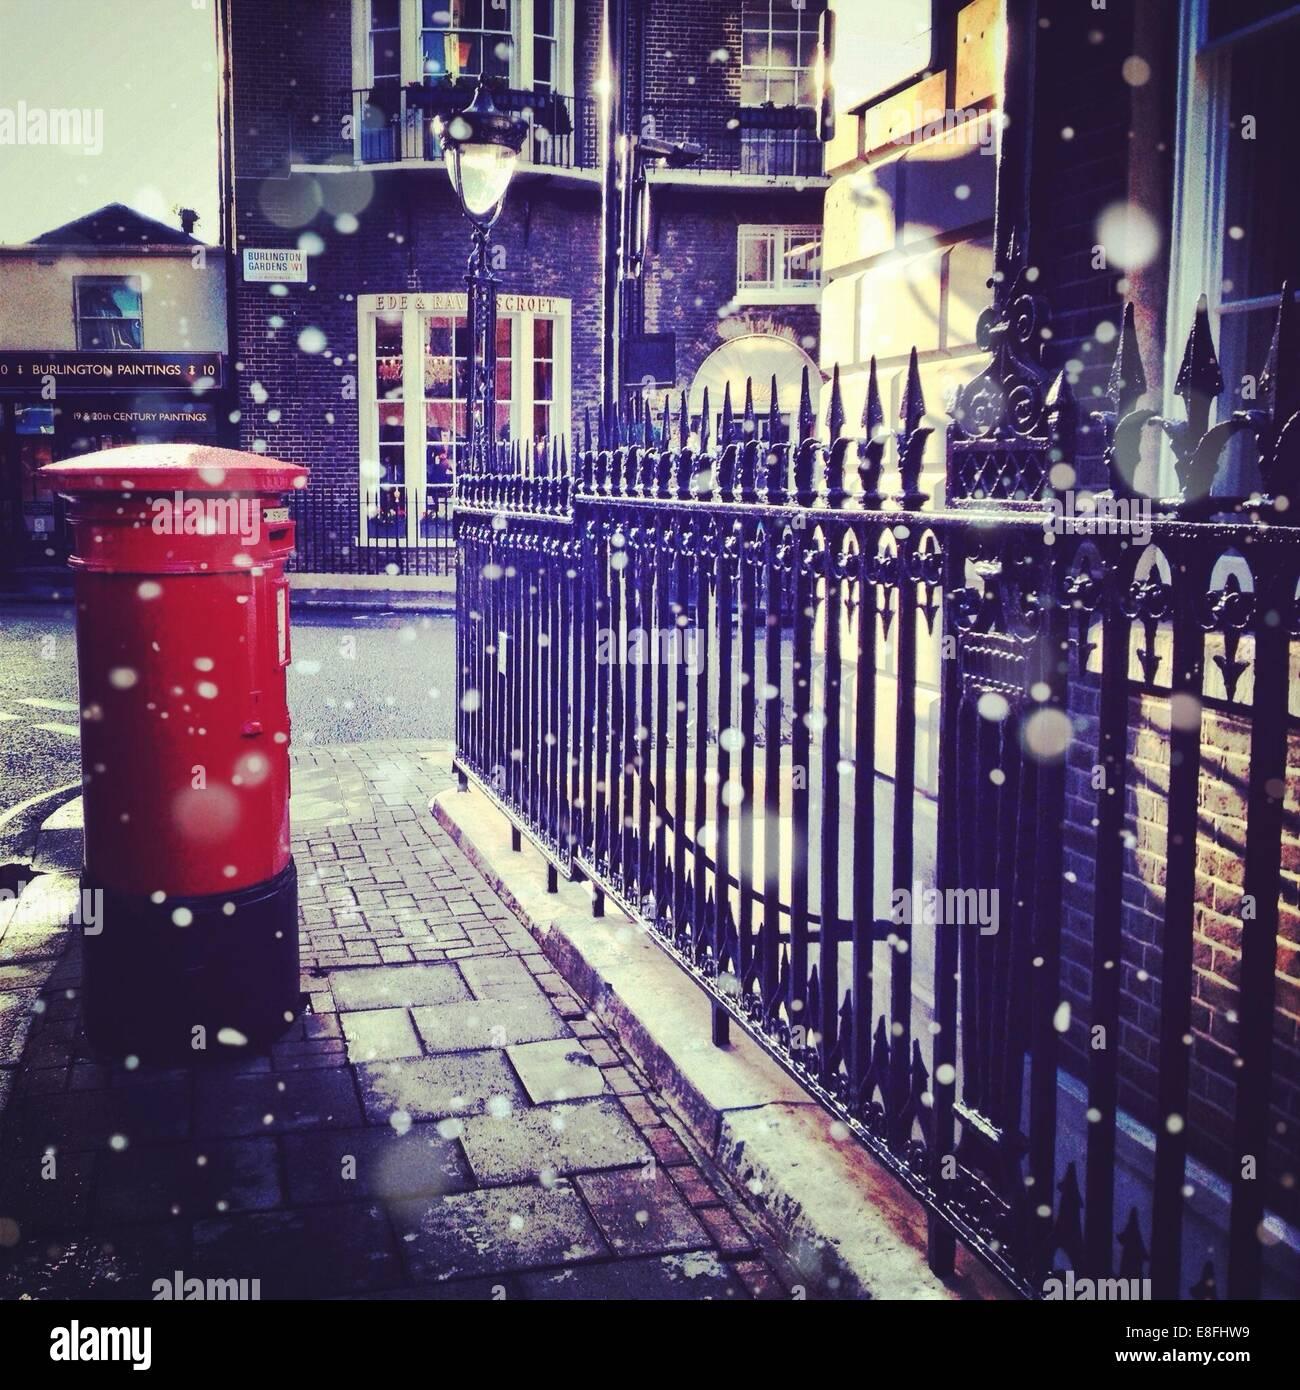 Großbritannien, London, Greater London, Briefkasten und Eisen Geländer Stockbild